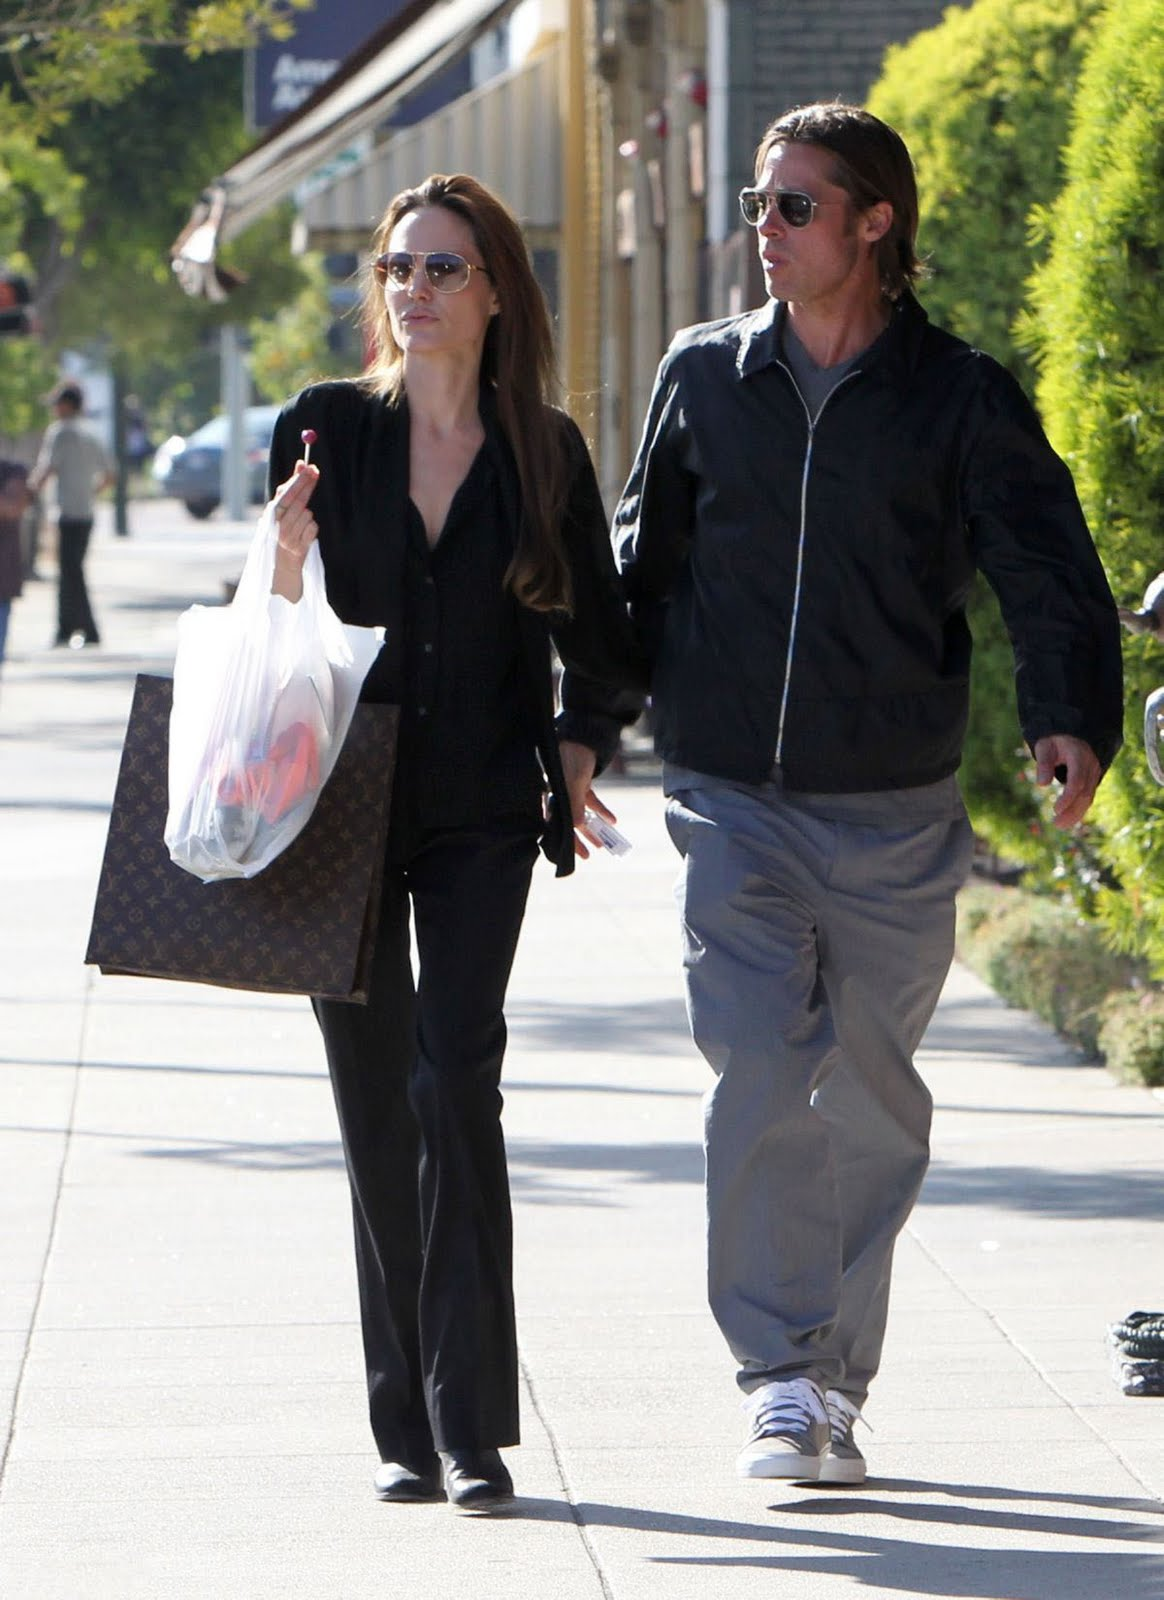 http://3.bp.blogspot.com/-fYIOLWjuPCg/TfoZUqNbUvI/AAAAAAAAaGw/nxmyTr7VHac/s1600/70+Angelina+Jolie+01.jpg